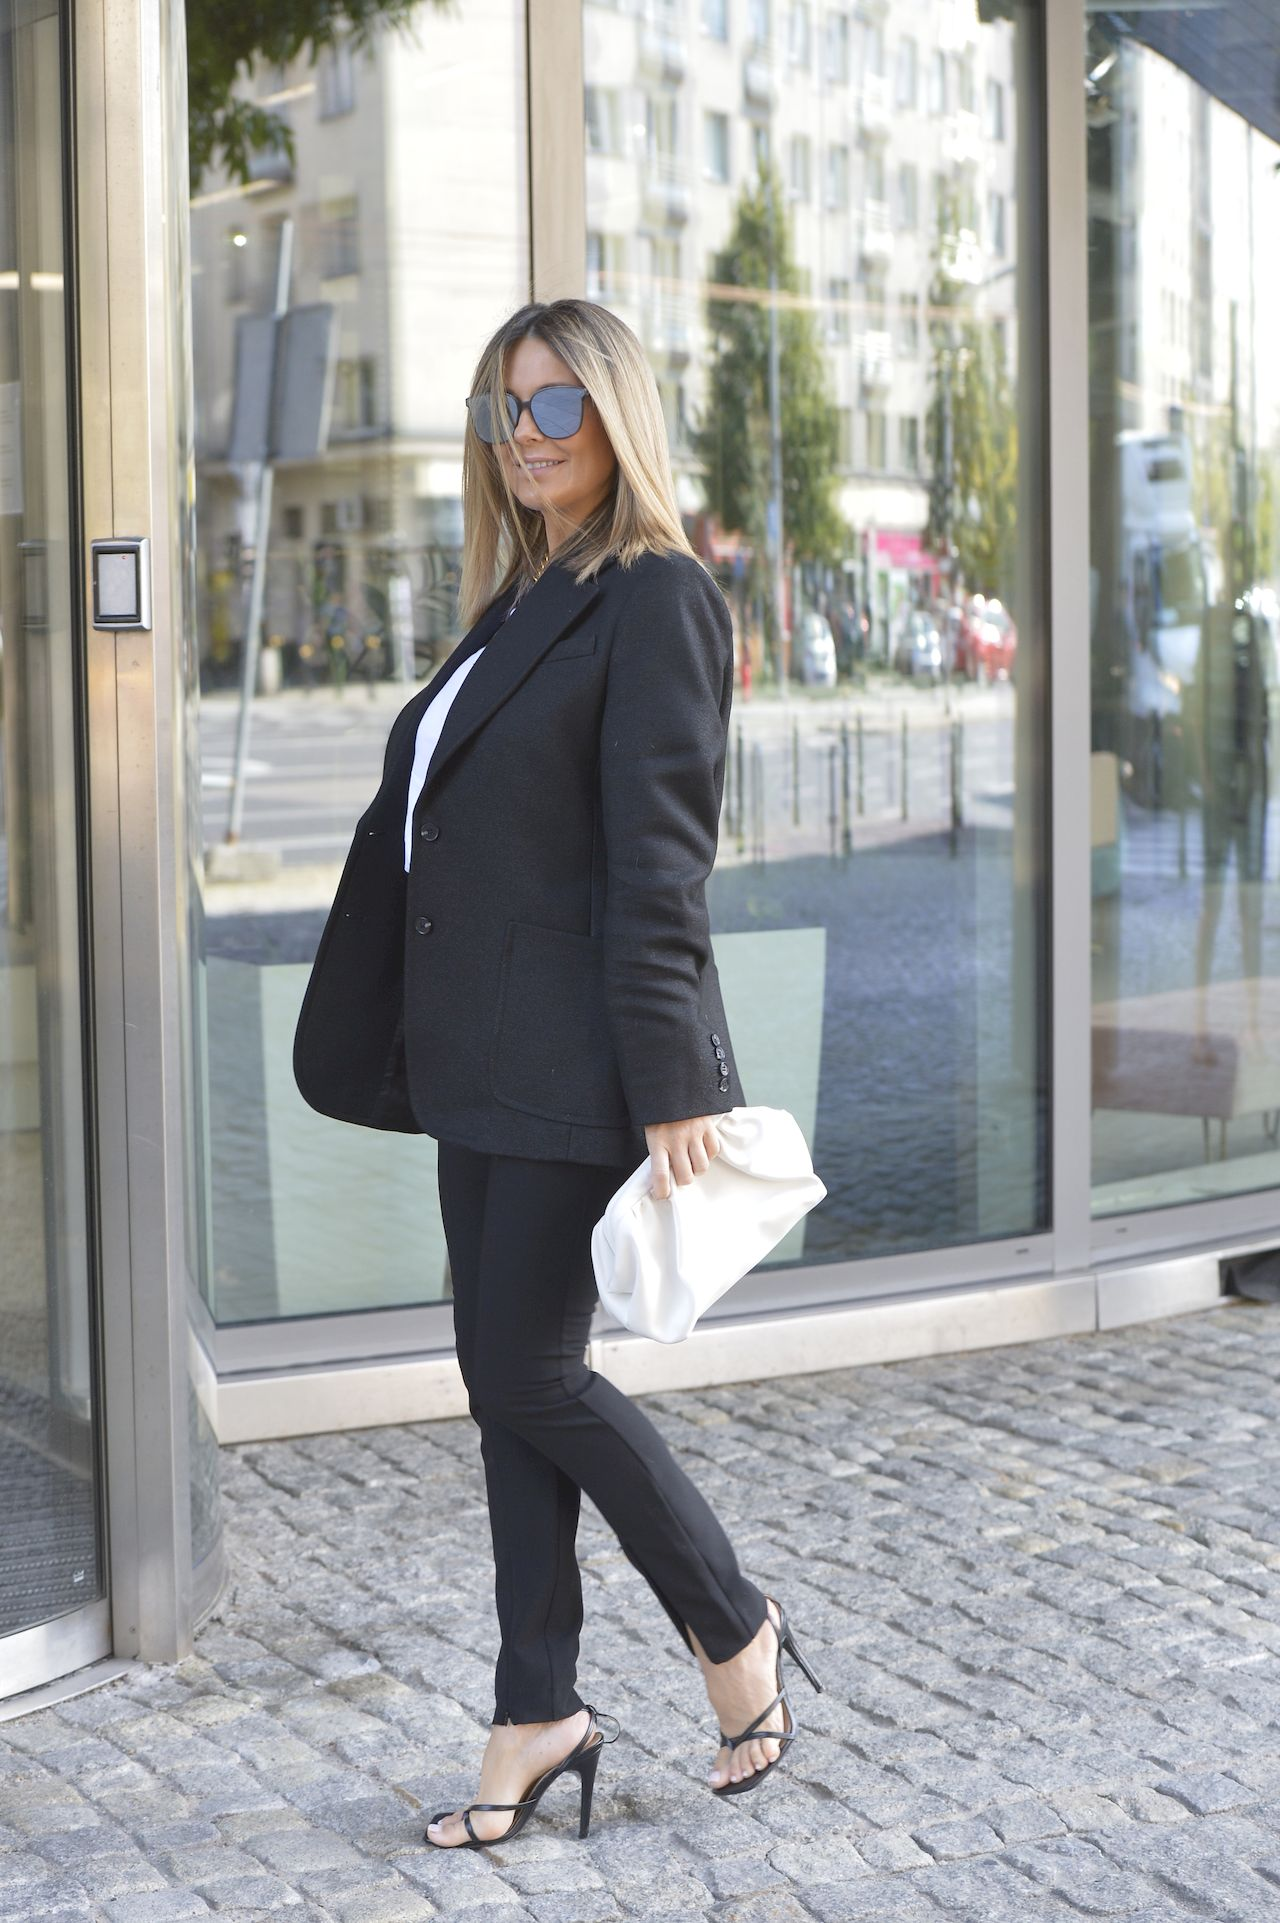 Małgorzata Rozenek-Majdan miała na sobie stylowy garnitur